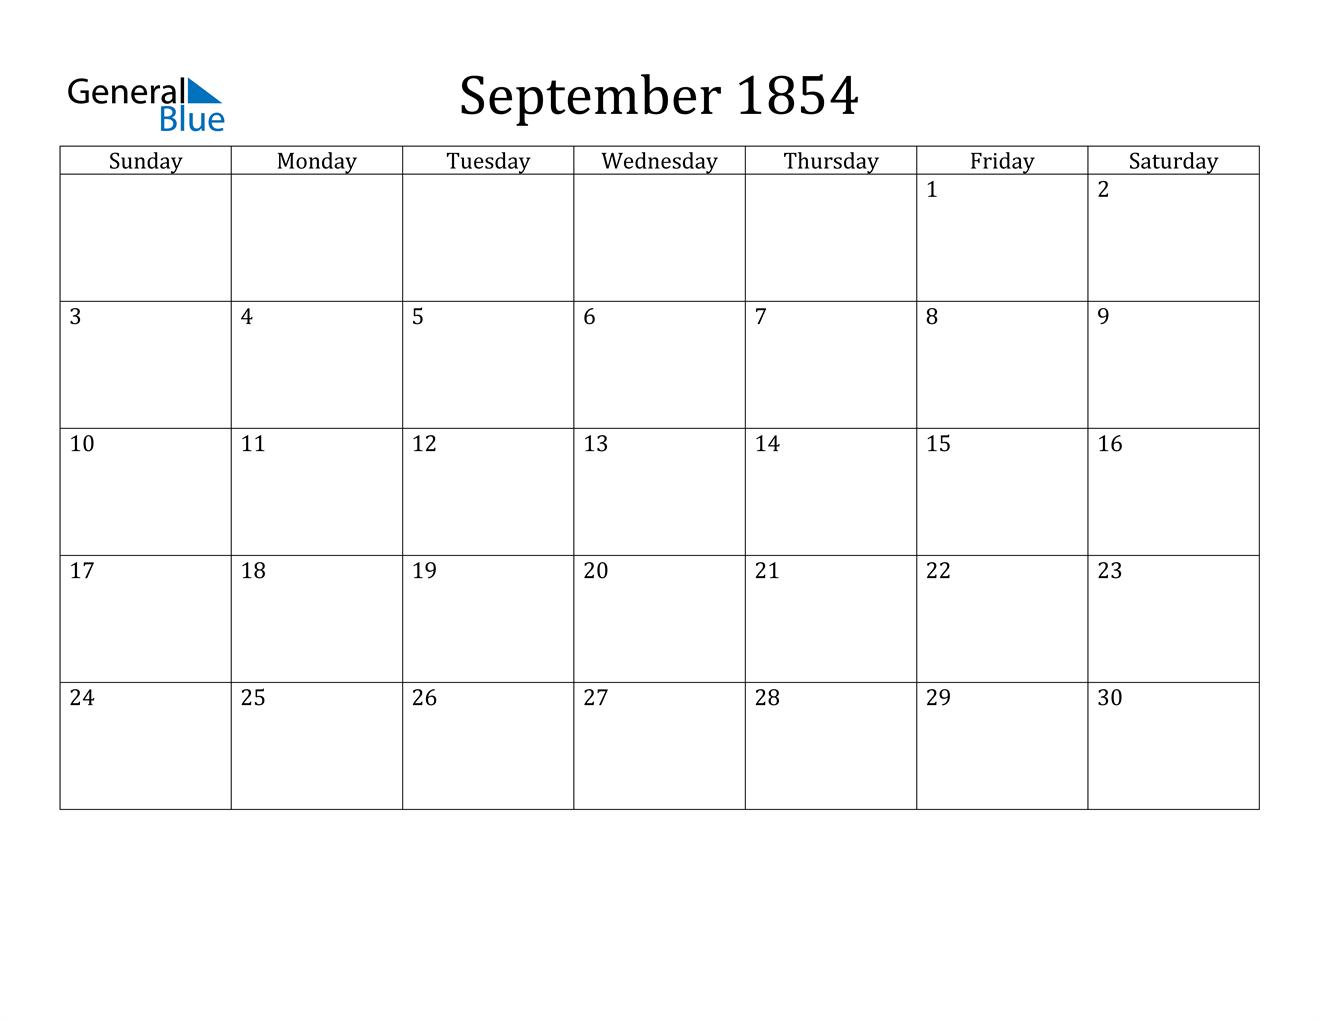 Image of September 1854 Calendar